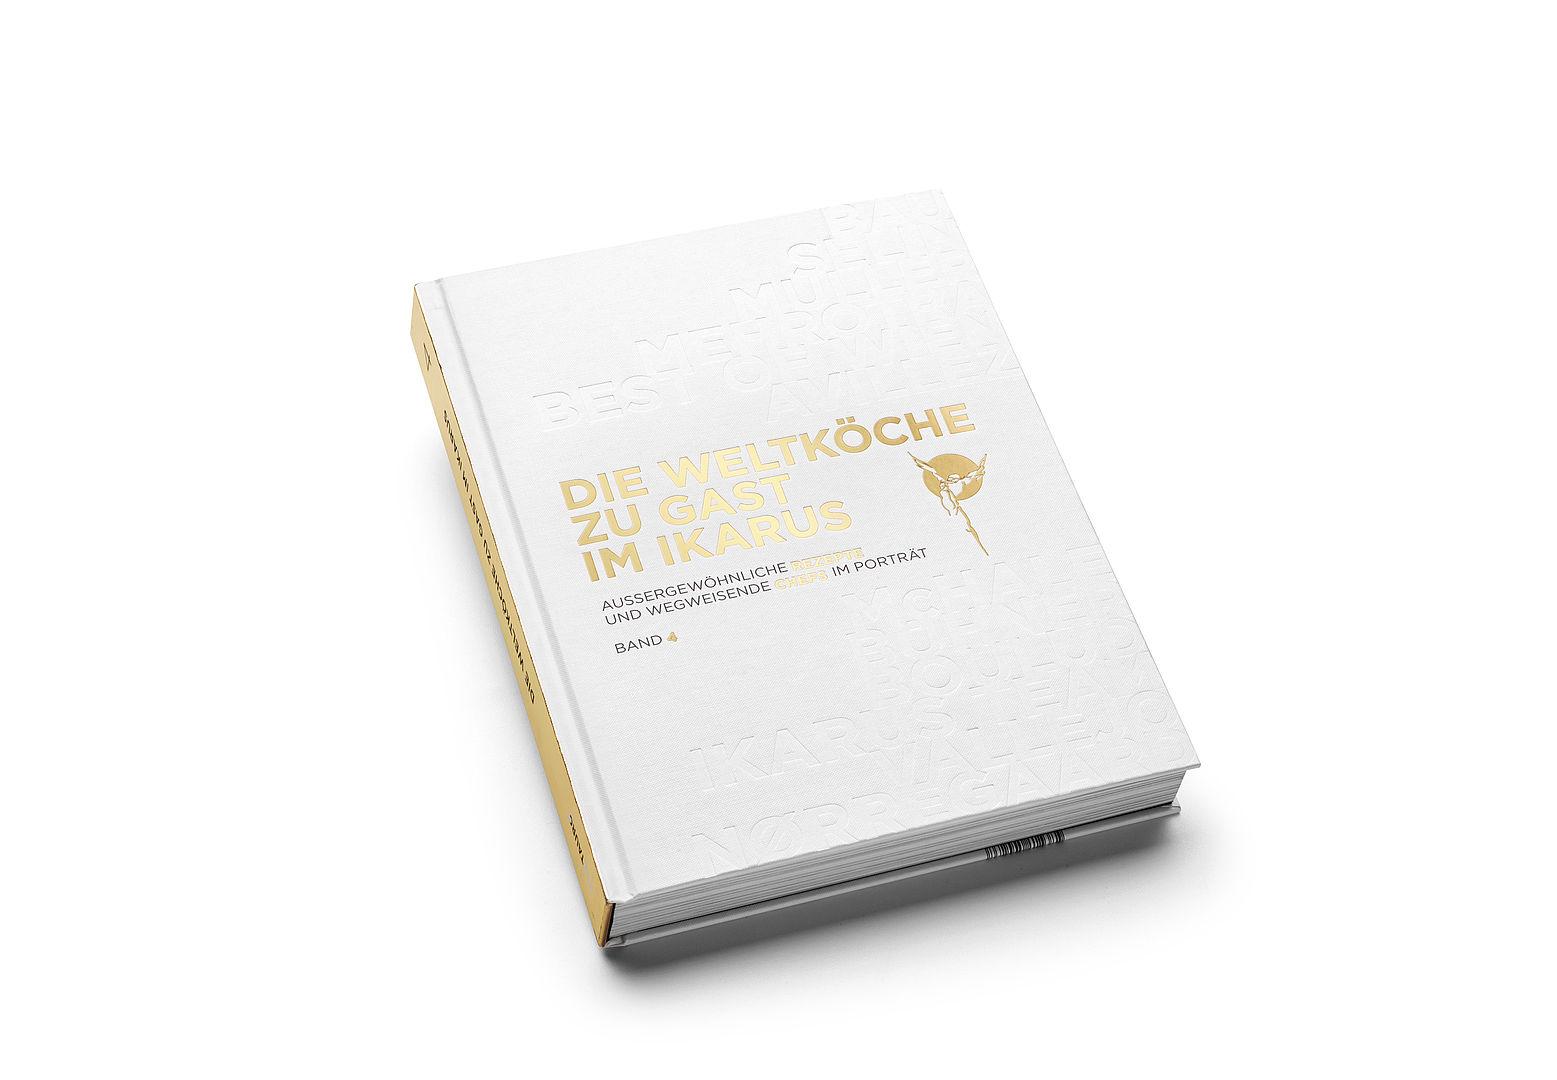 csm_IKARUS_Kochbuch_vol4_DE_Cover_1_e1ea7c3d57.jpg